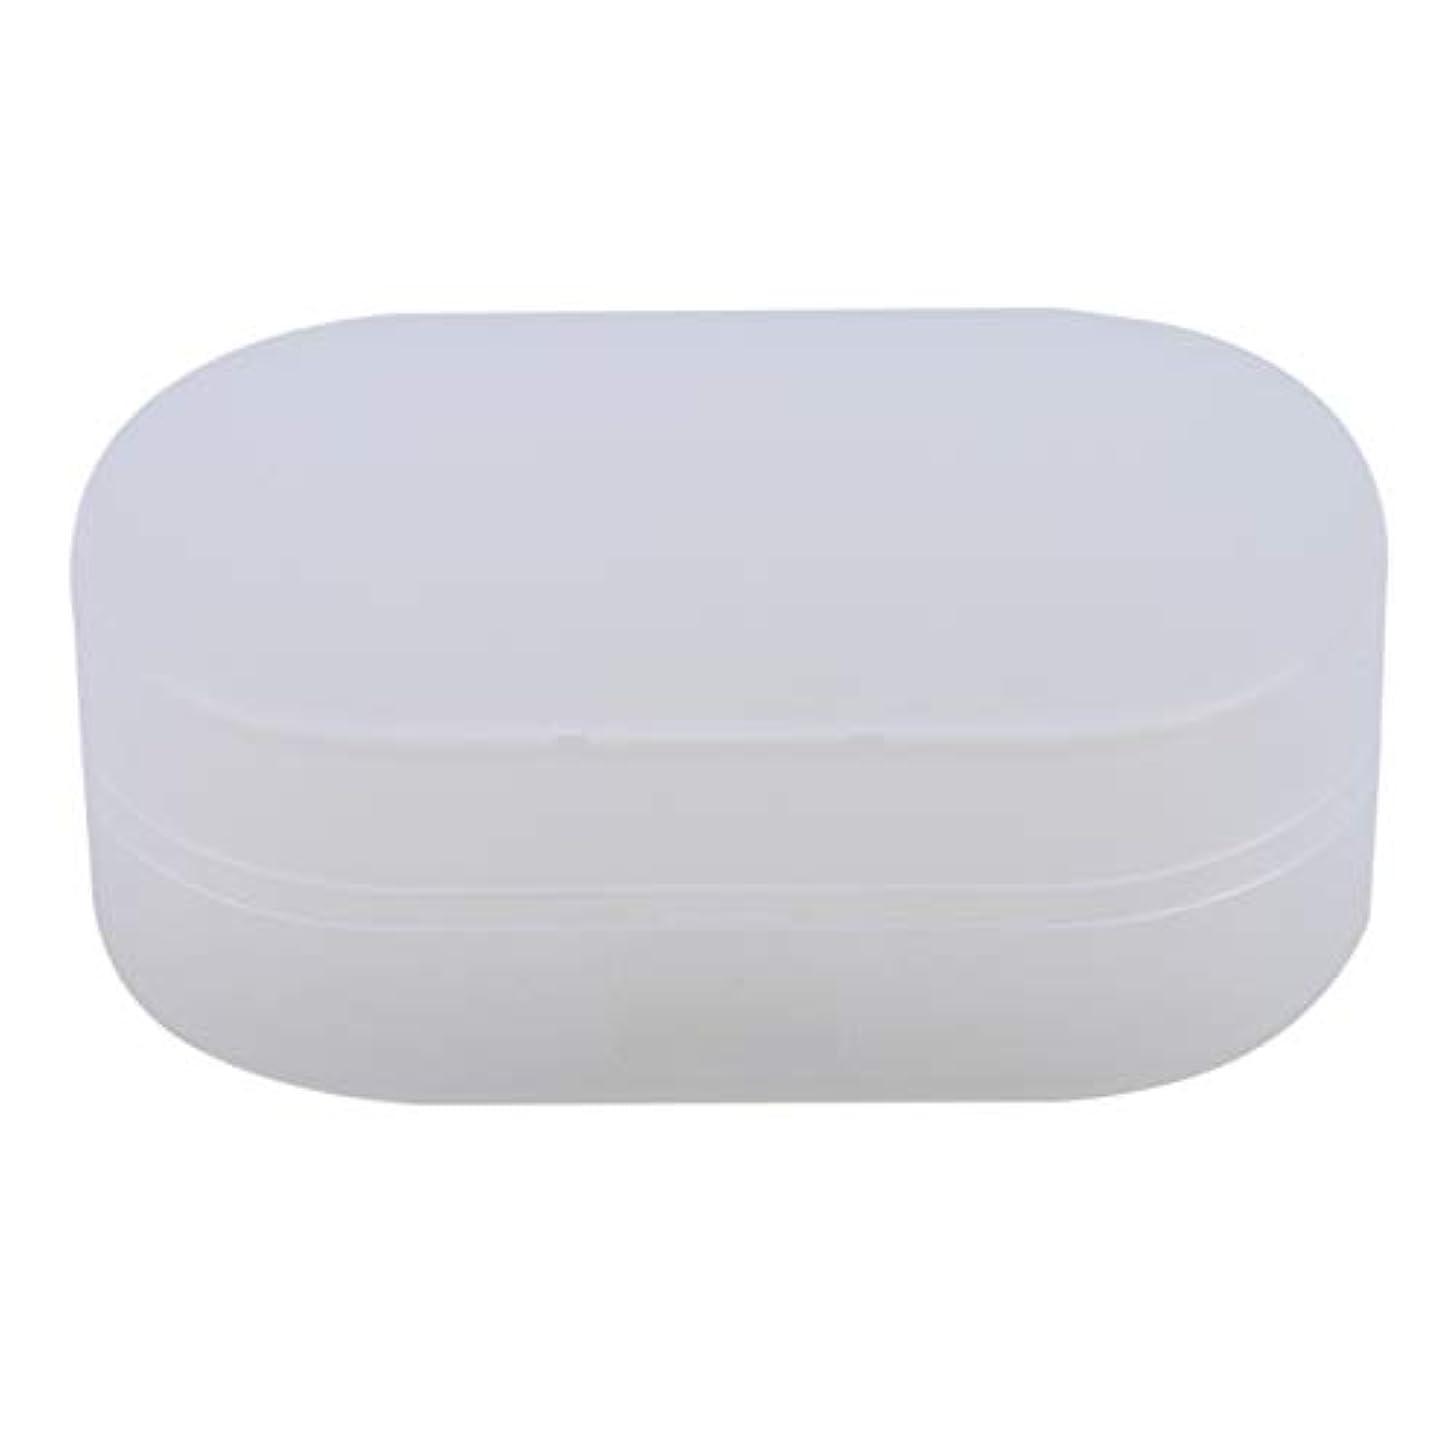 休暇国民フェンスZALINGソープボックスホルダーソープディッシュソープセーバーケースコンテナ用バスルームキャンプホワイト